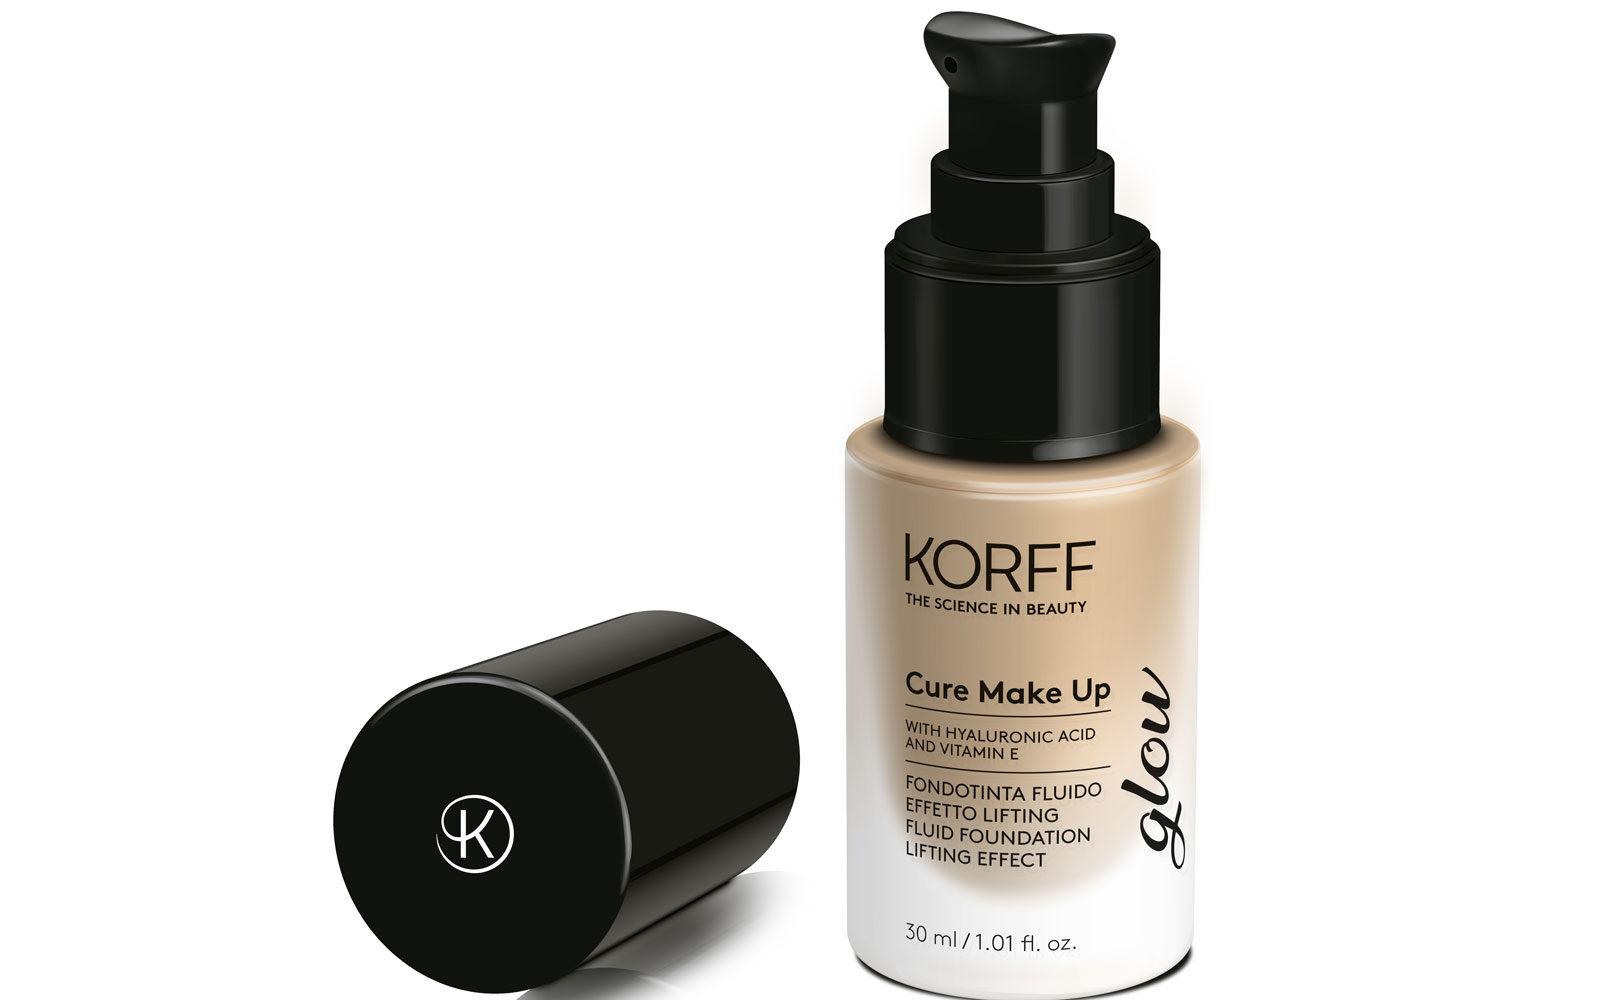 La pelle è impeccabile e luminosa con il nuovo Fondotinta Fluido Effetto Lifting Glow della linea Cure make up di Korff (farmacia, 39 euro).